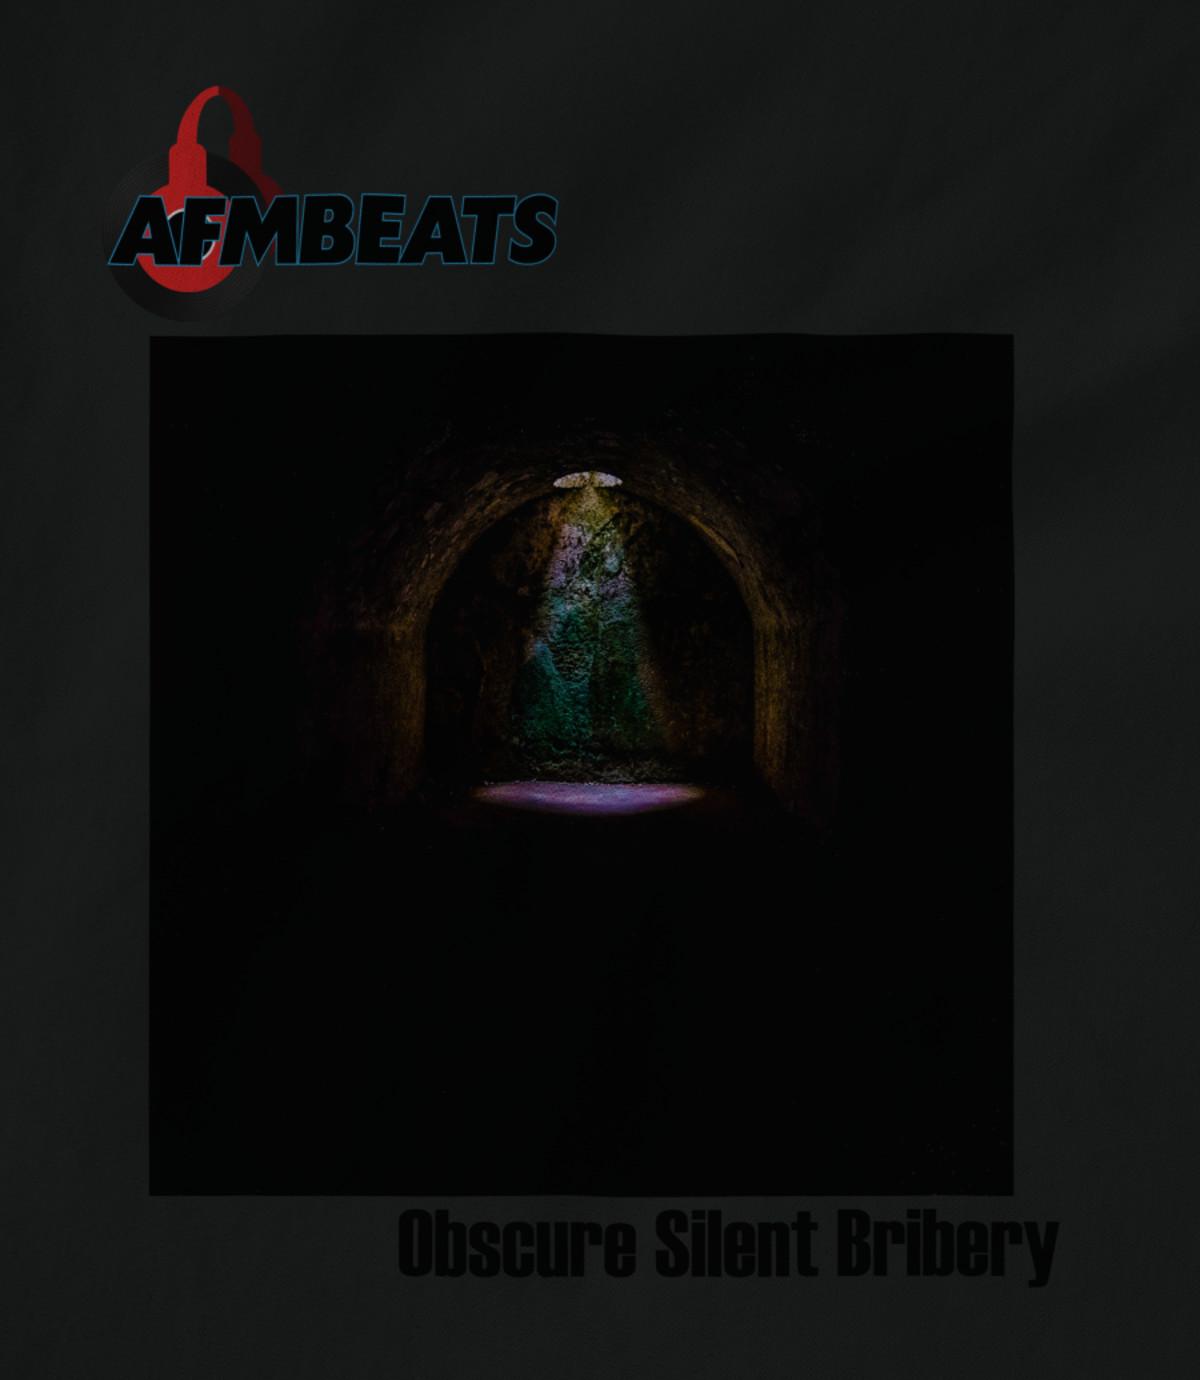 Afmbeats afmbeats  obscure silent bribery  1555135292